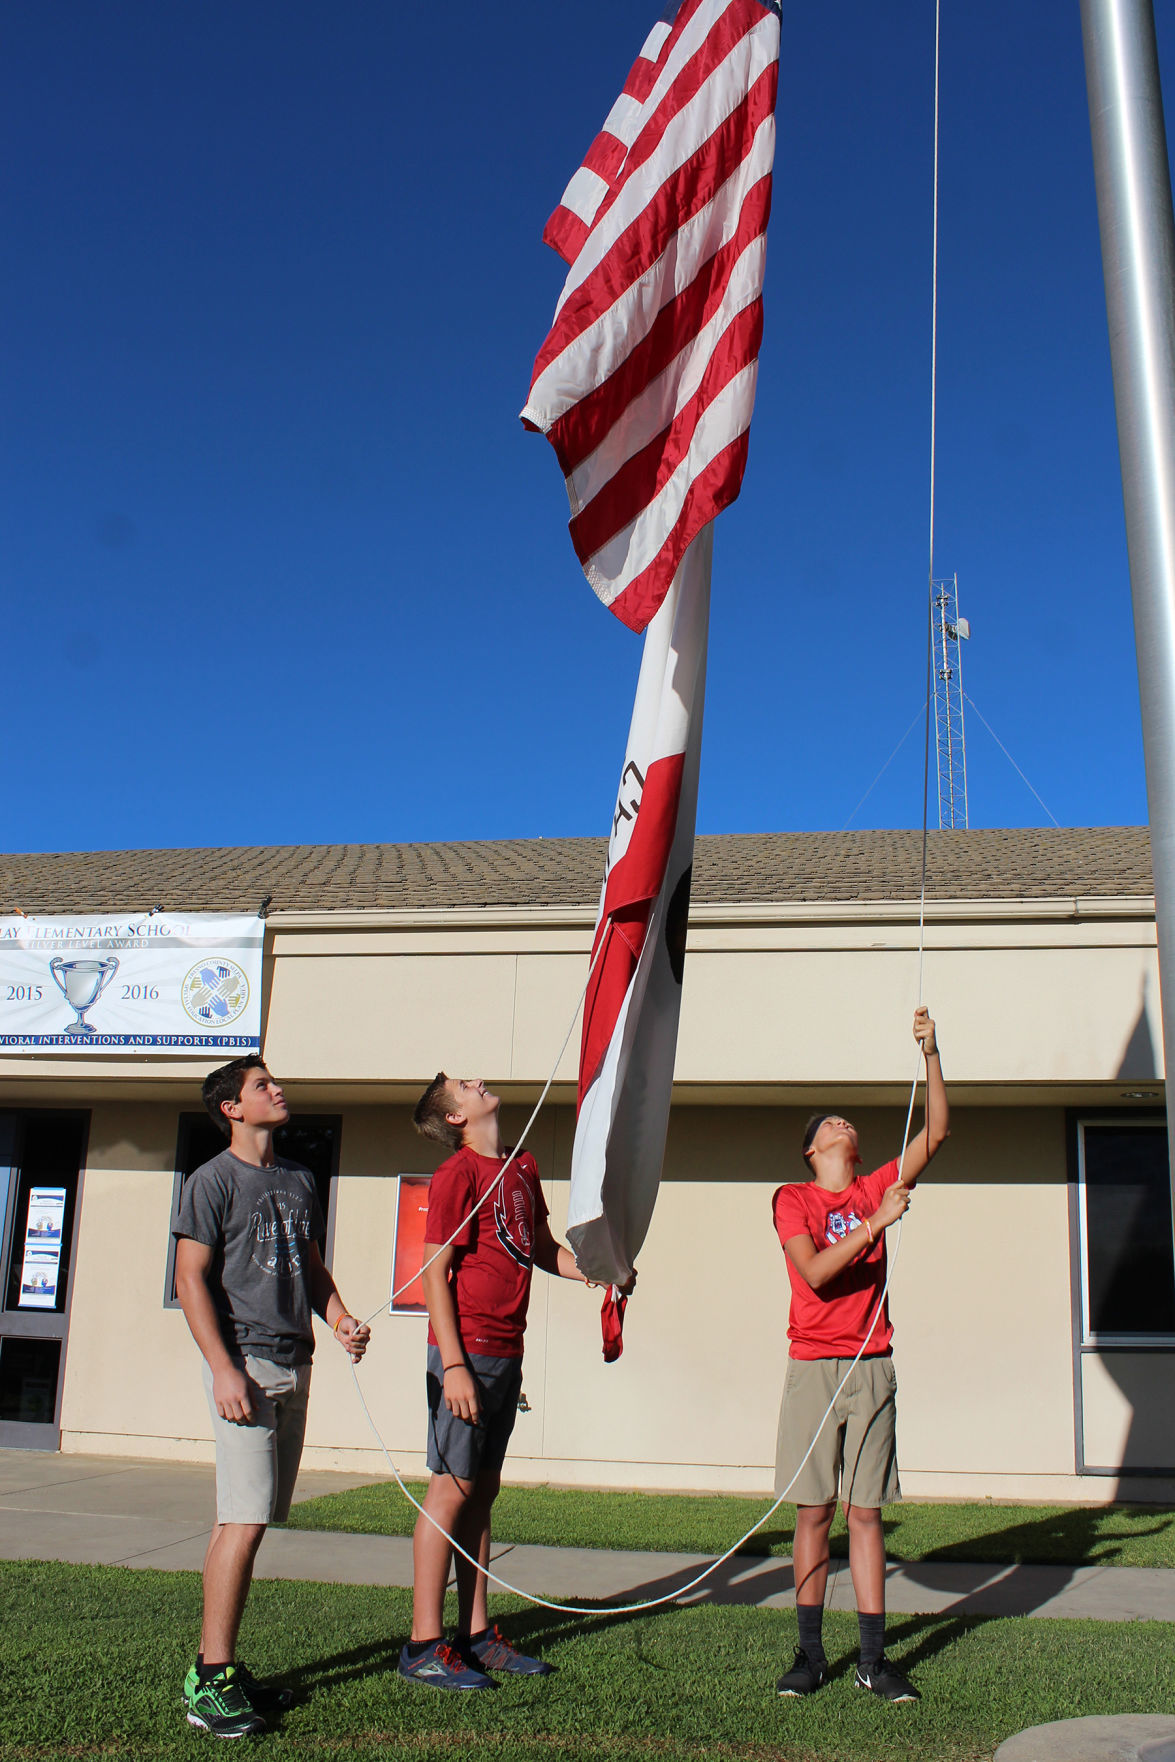 Clay: Flag raising